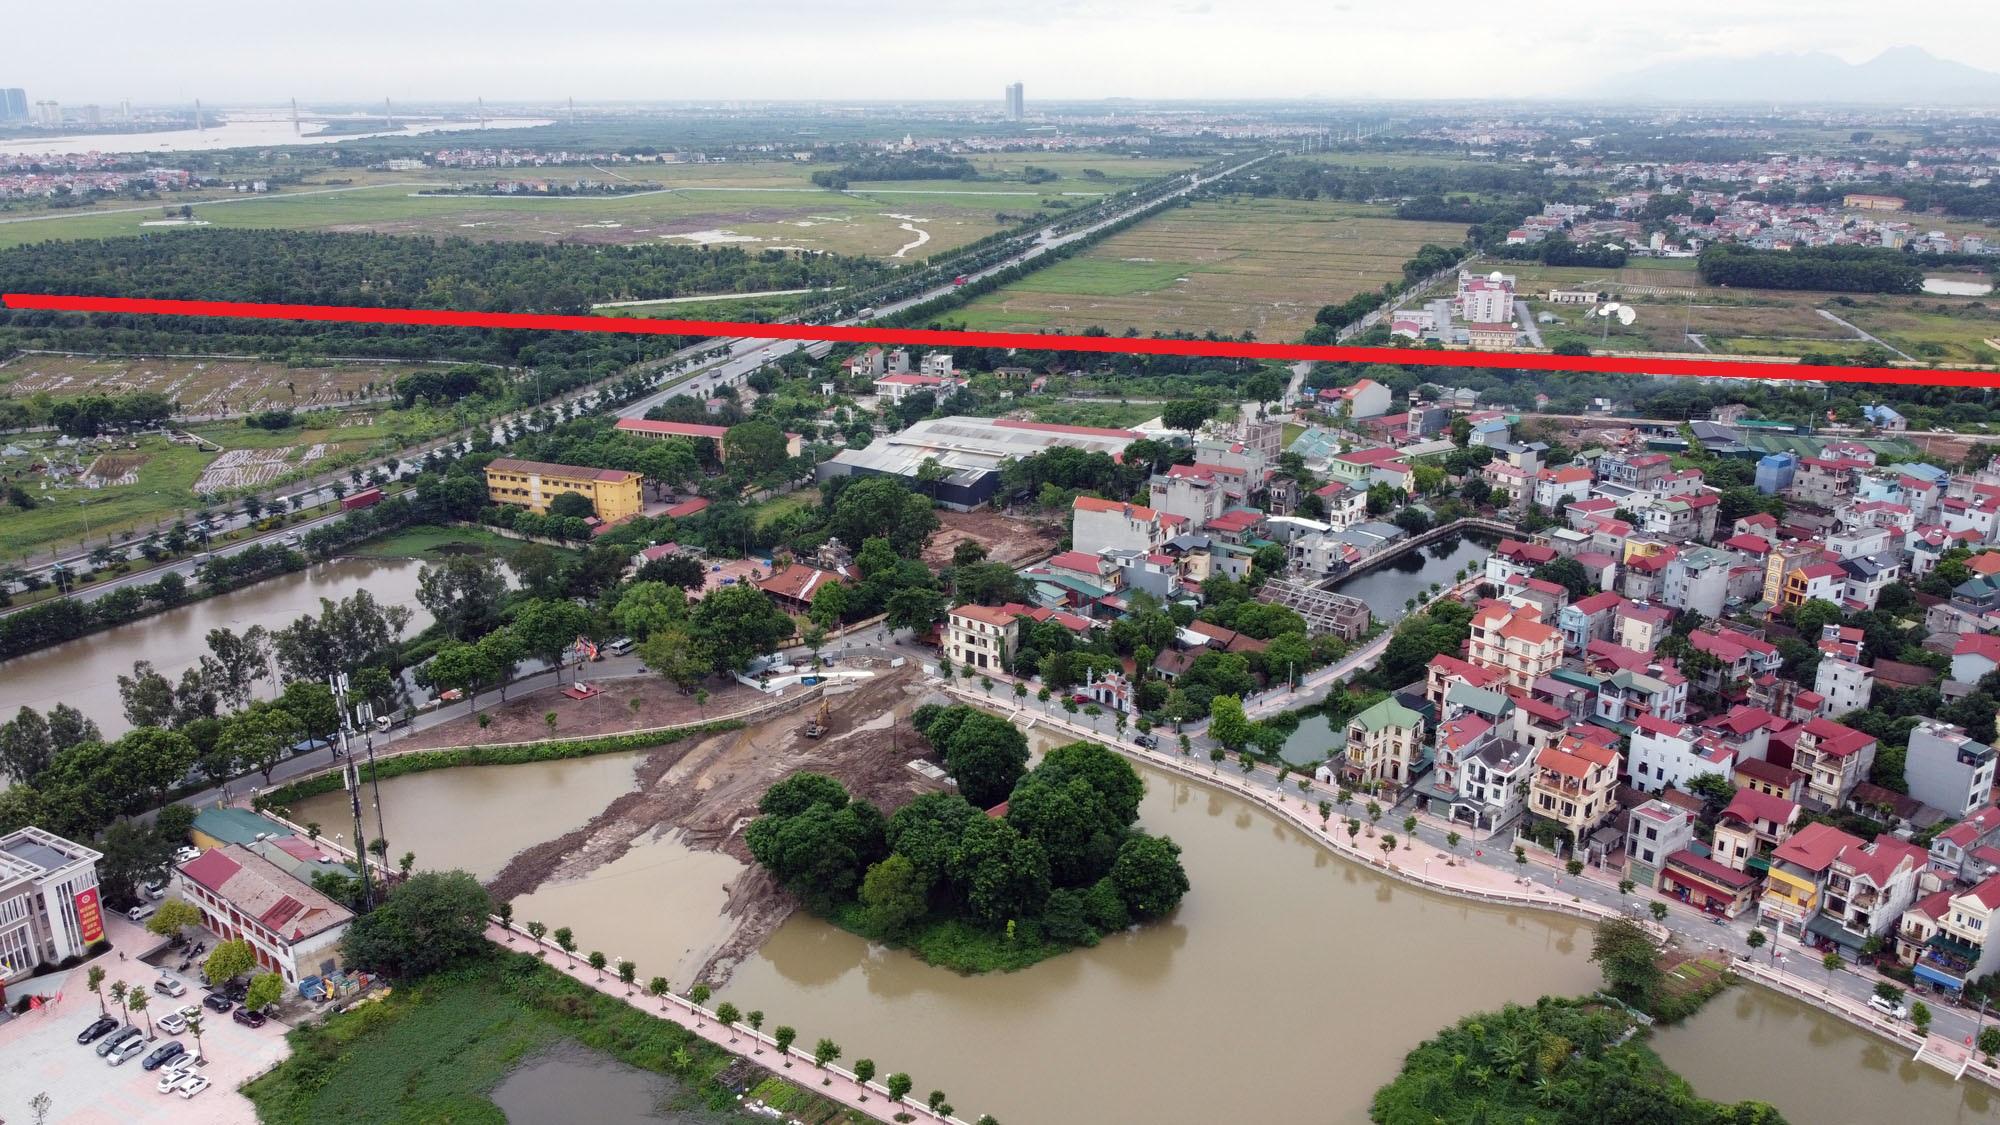 đường sẽ mở theo qui hoạch ở xã Đông Hội, Đông Anh, Hà Nội - Ảnh 6.